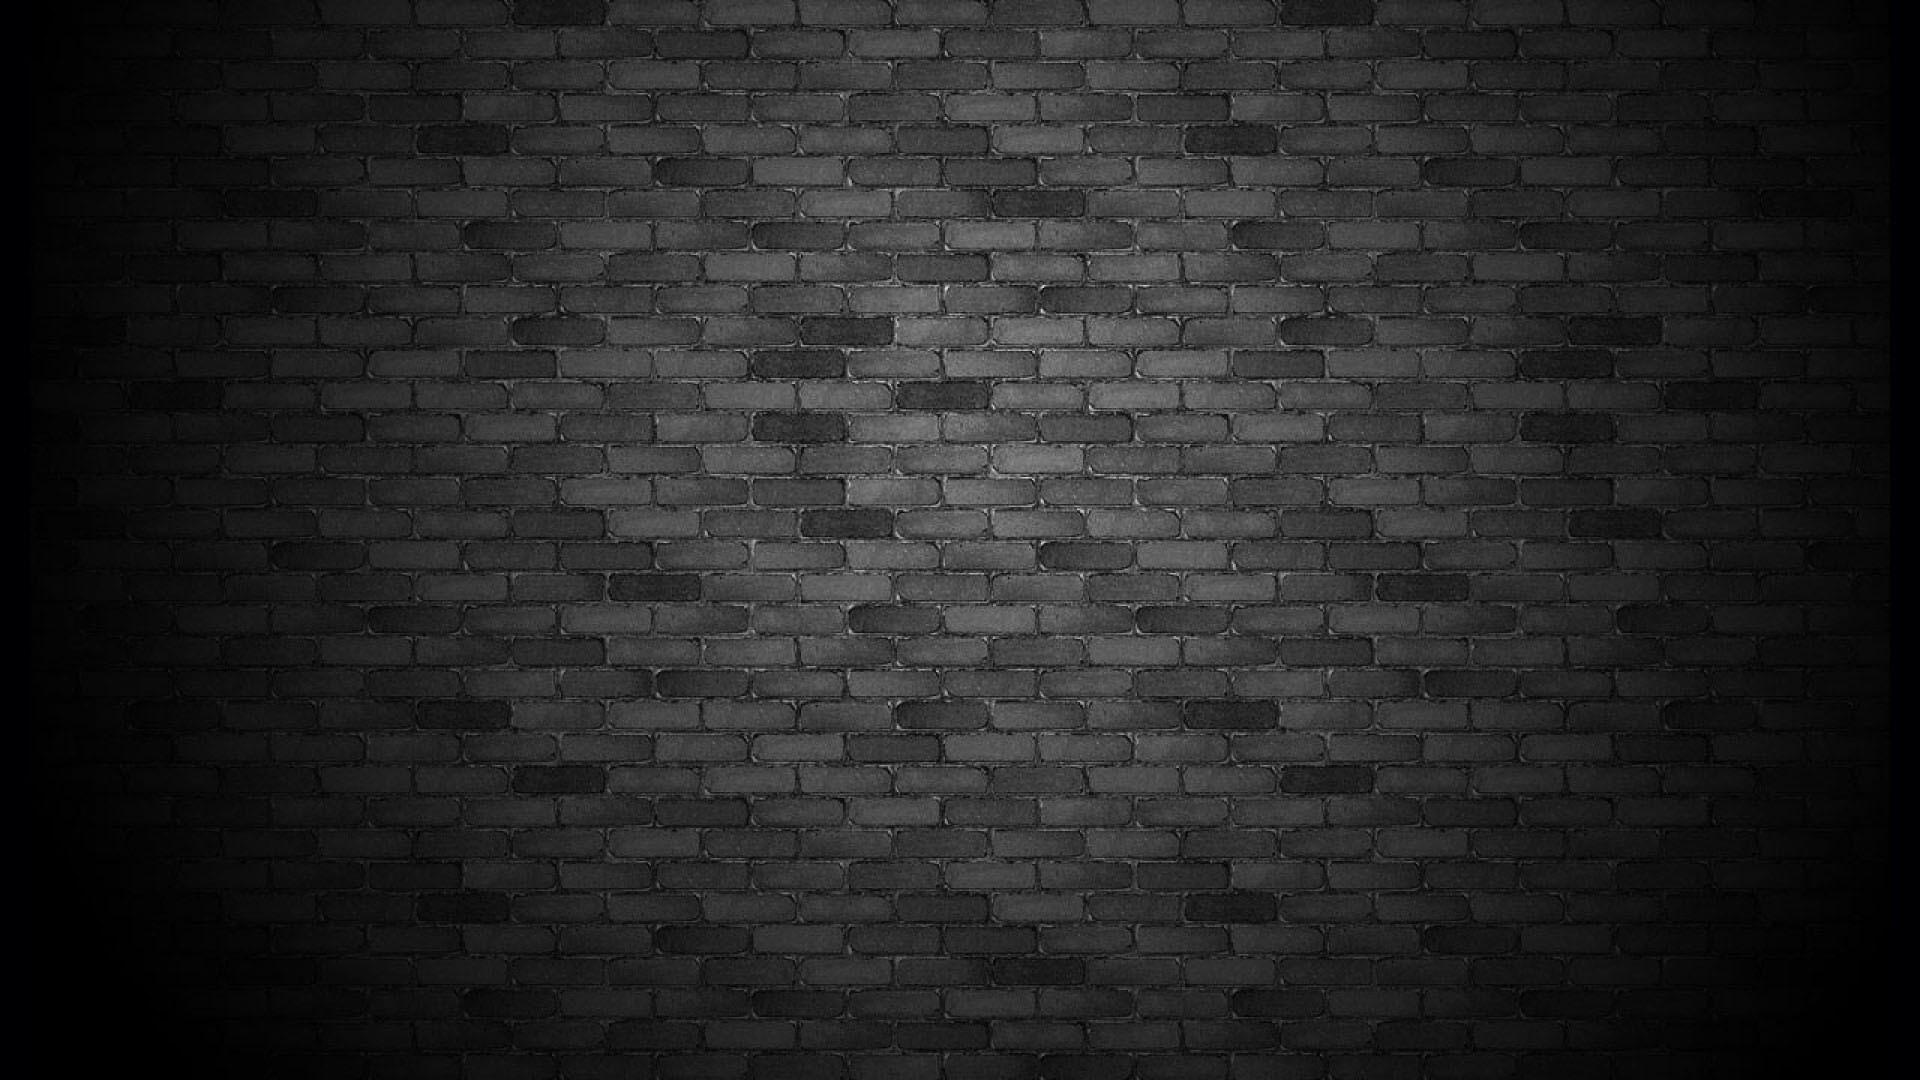 Black Tile Wallpaper (41+ images)